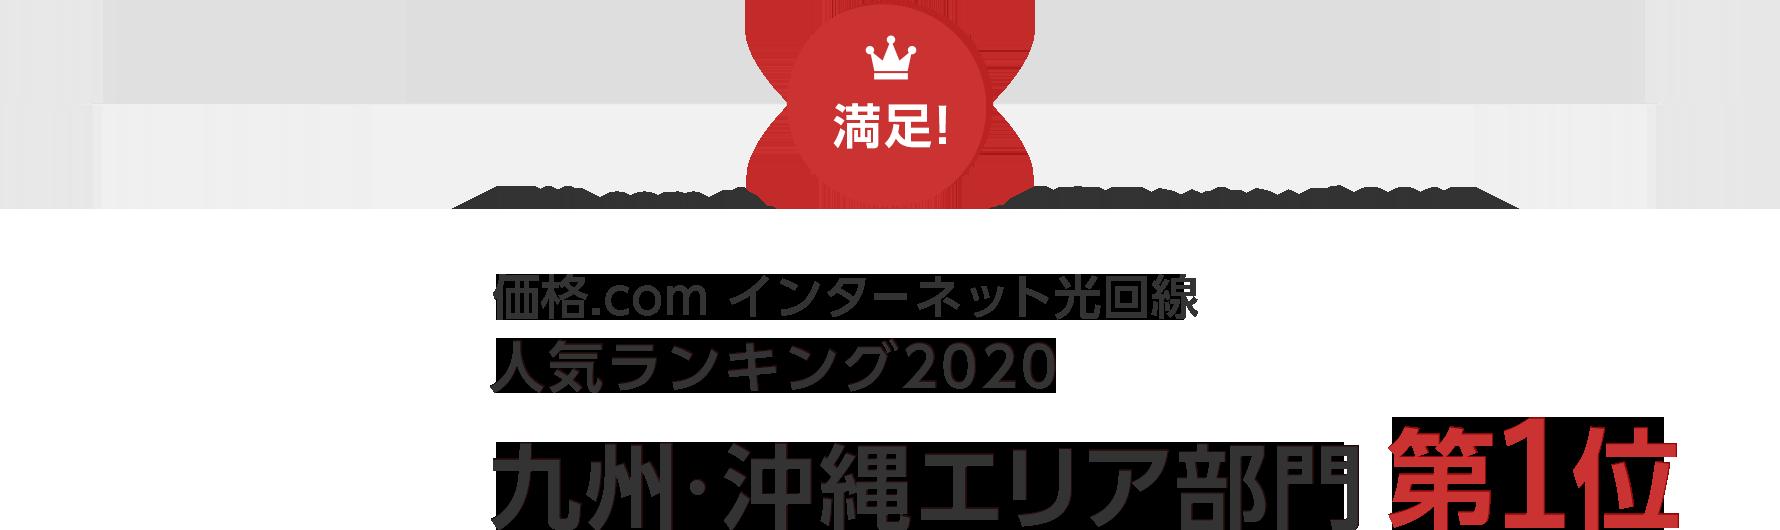 価格.com インターネット光回線 人気ランキング2020 九州・沖縄エリア部門 第1位